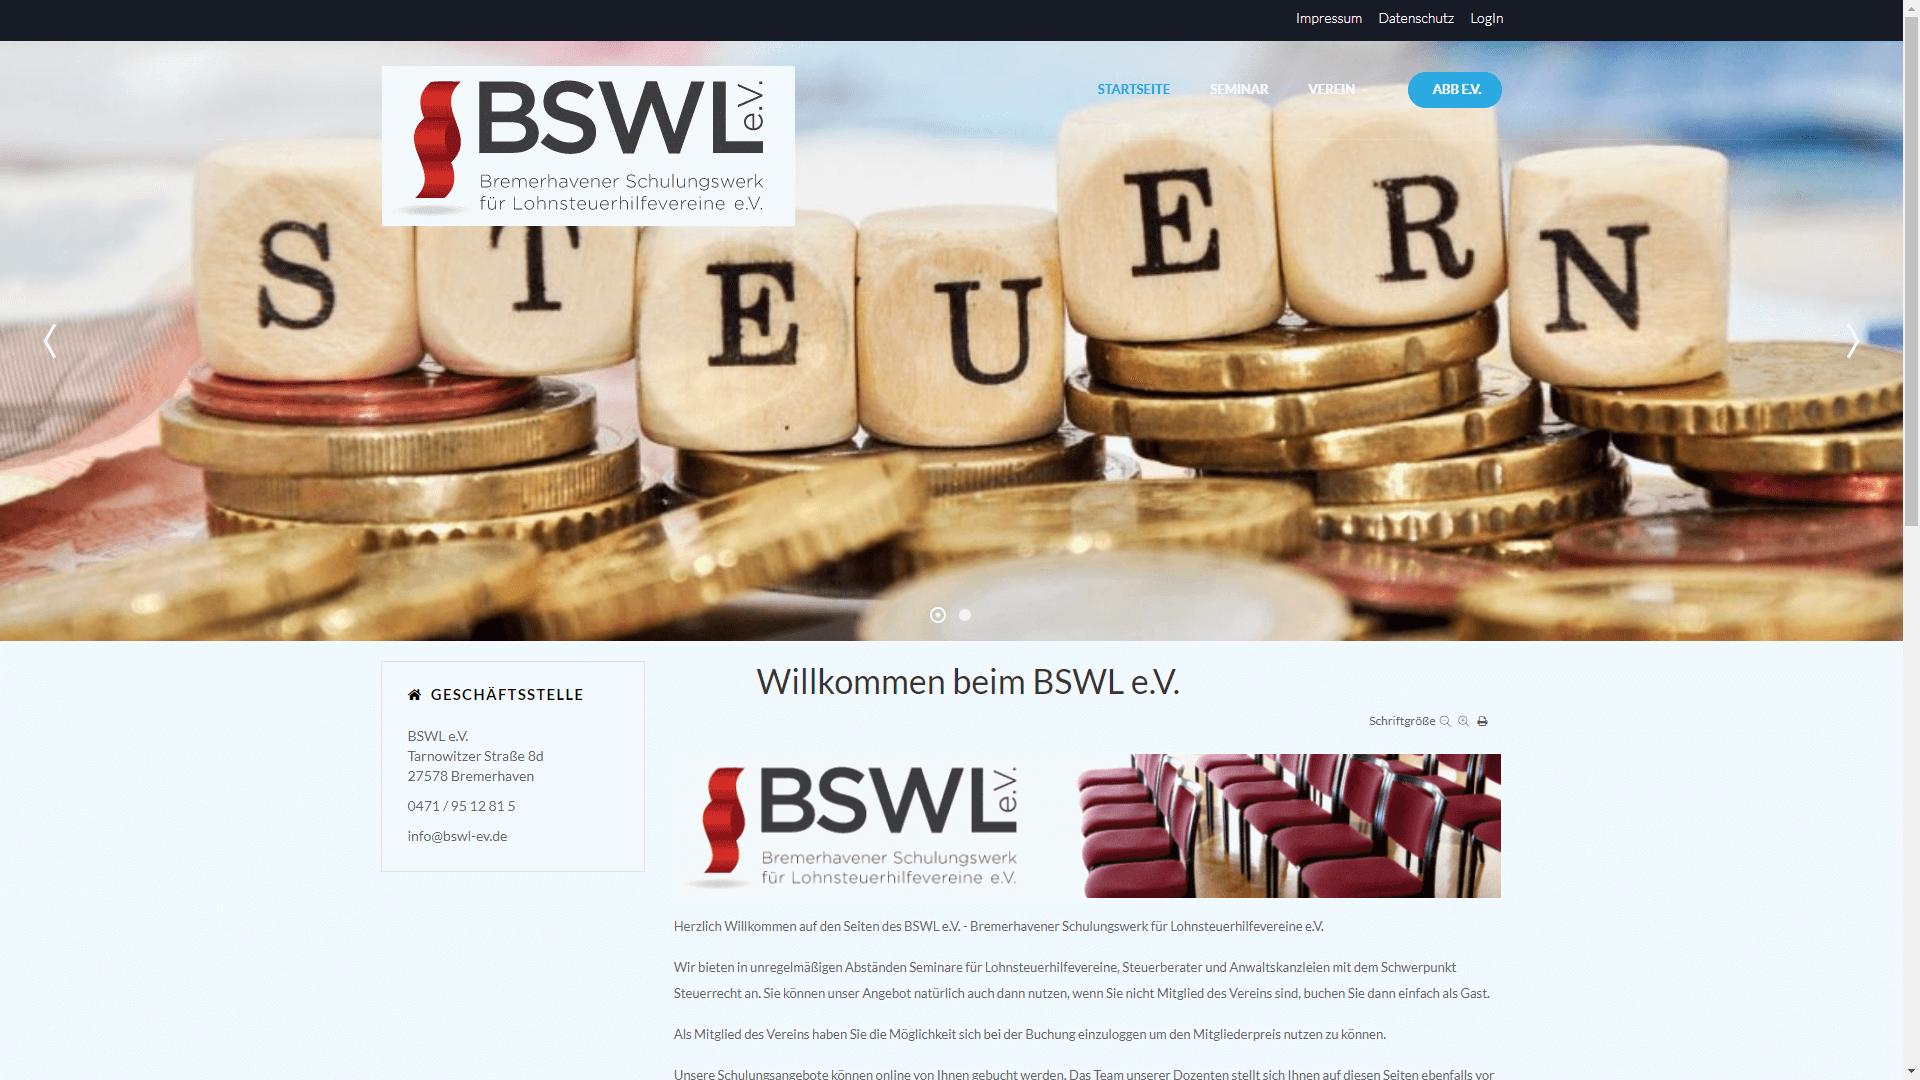 Verein - BSWL e.V.